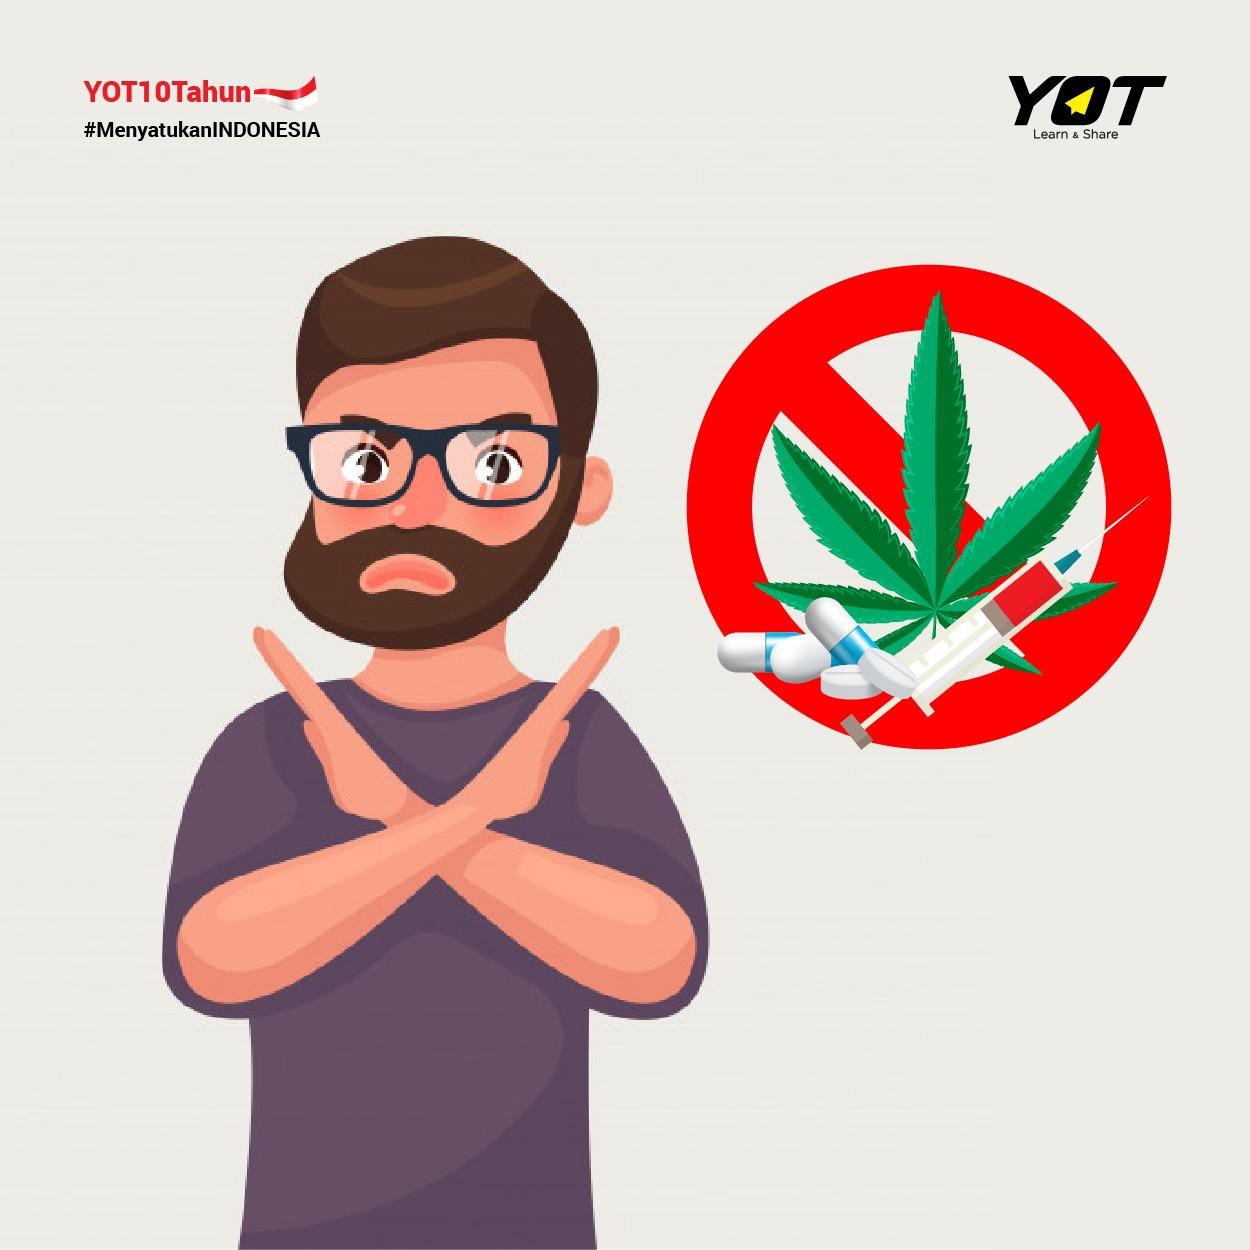 Gambar Ilustrasi Stop Narkoba Hari Anti Narkotika Sedunia Peran Pemuda Indonesia Dalam